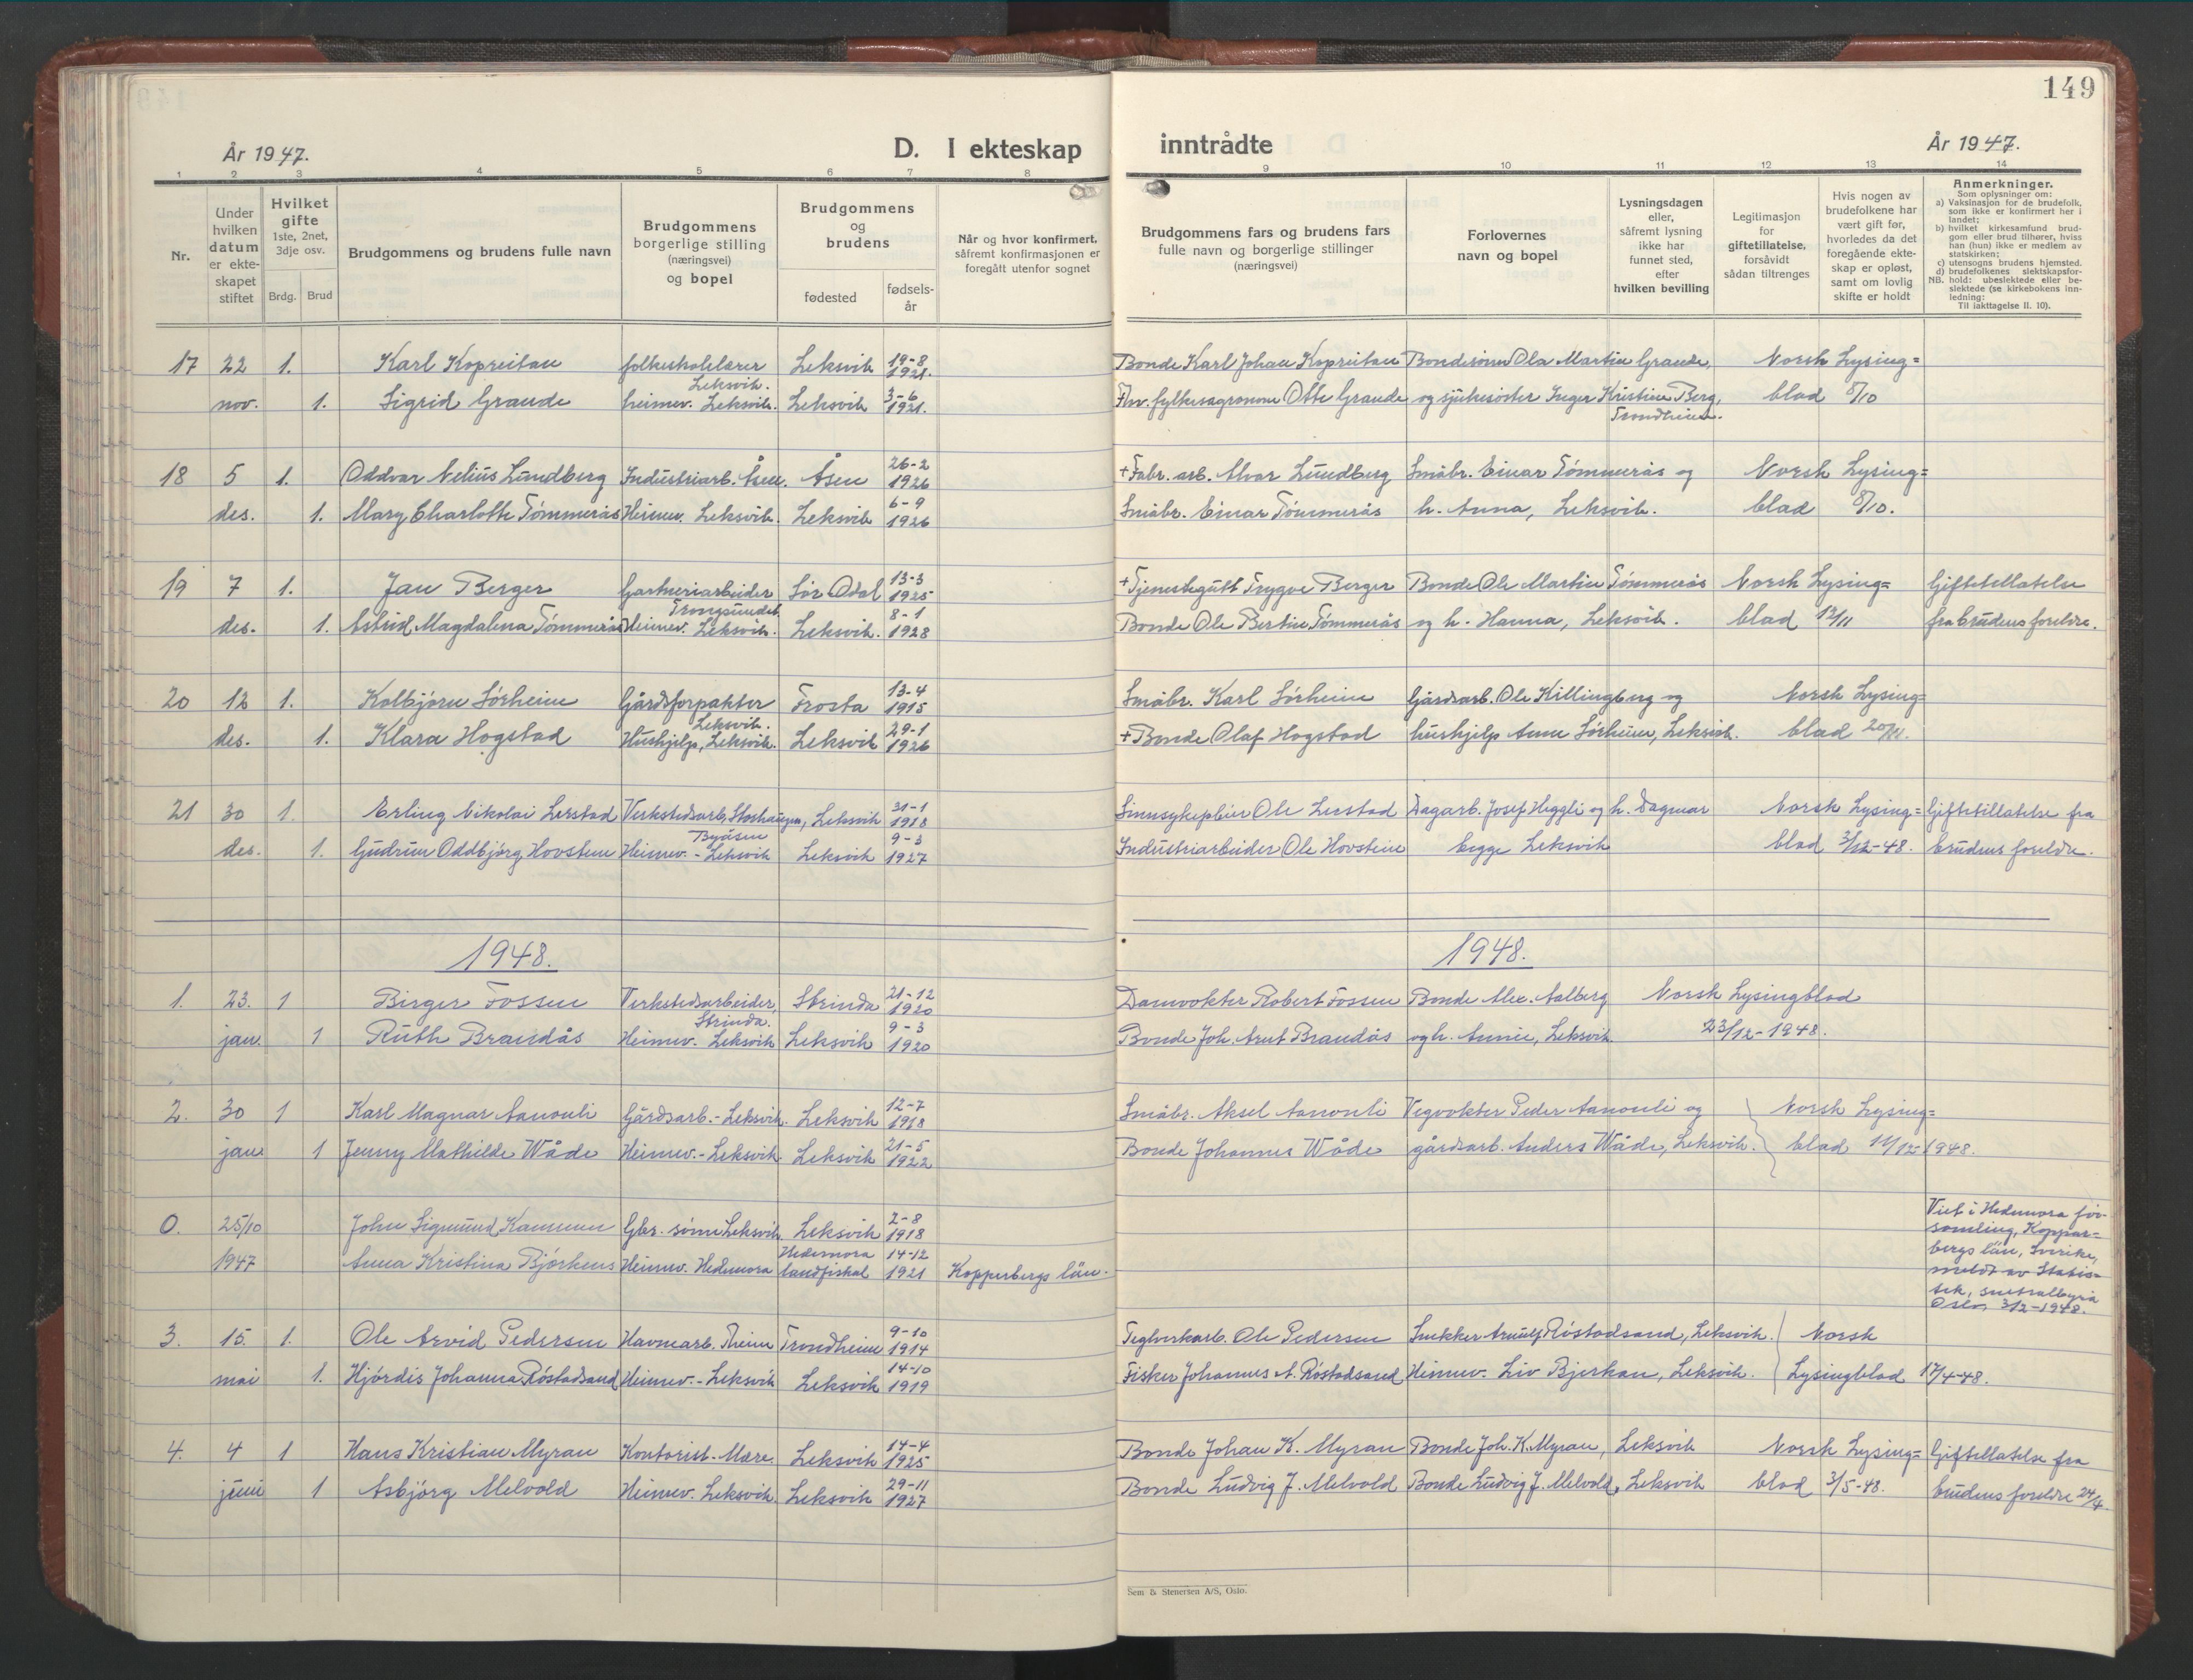 SAT, Ministerialprotokoller, klokkerbøker og fødselsregistre - Nord-Trøndelag, 701/L0019: Klokkerbok nr. 701C03, 1930-1953, s. 149